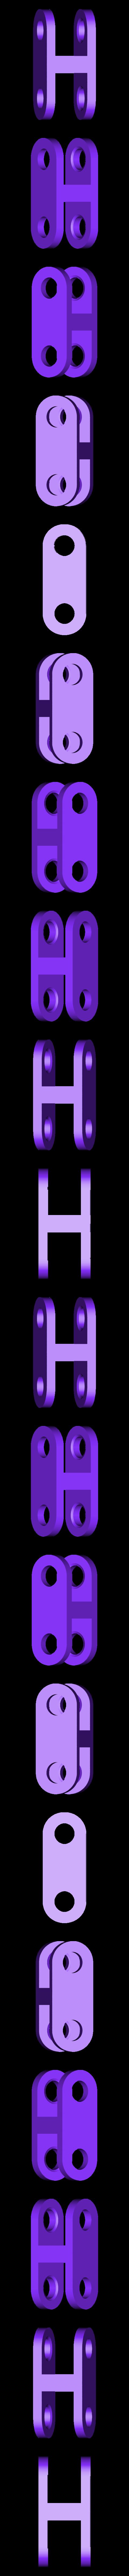 clip_x2.stl Télécharger fichier STL gratuit Jeu de construction ChainClip • Modèle à imprimer en 3D, ferjerez3d